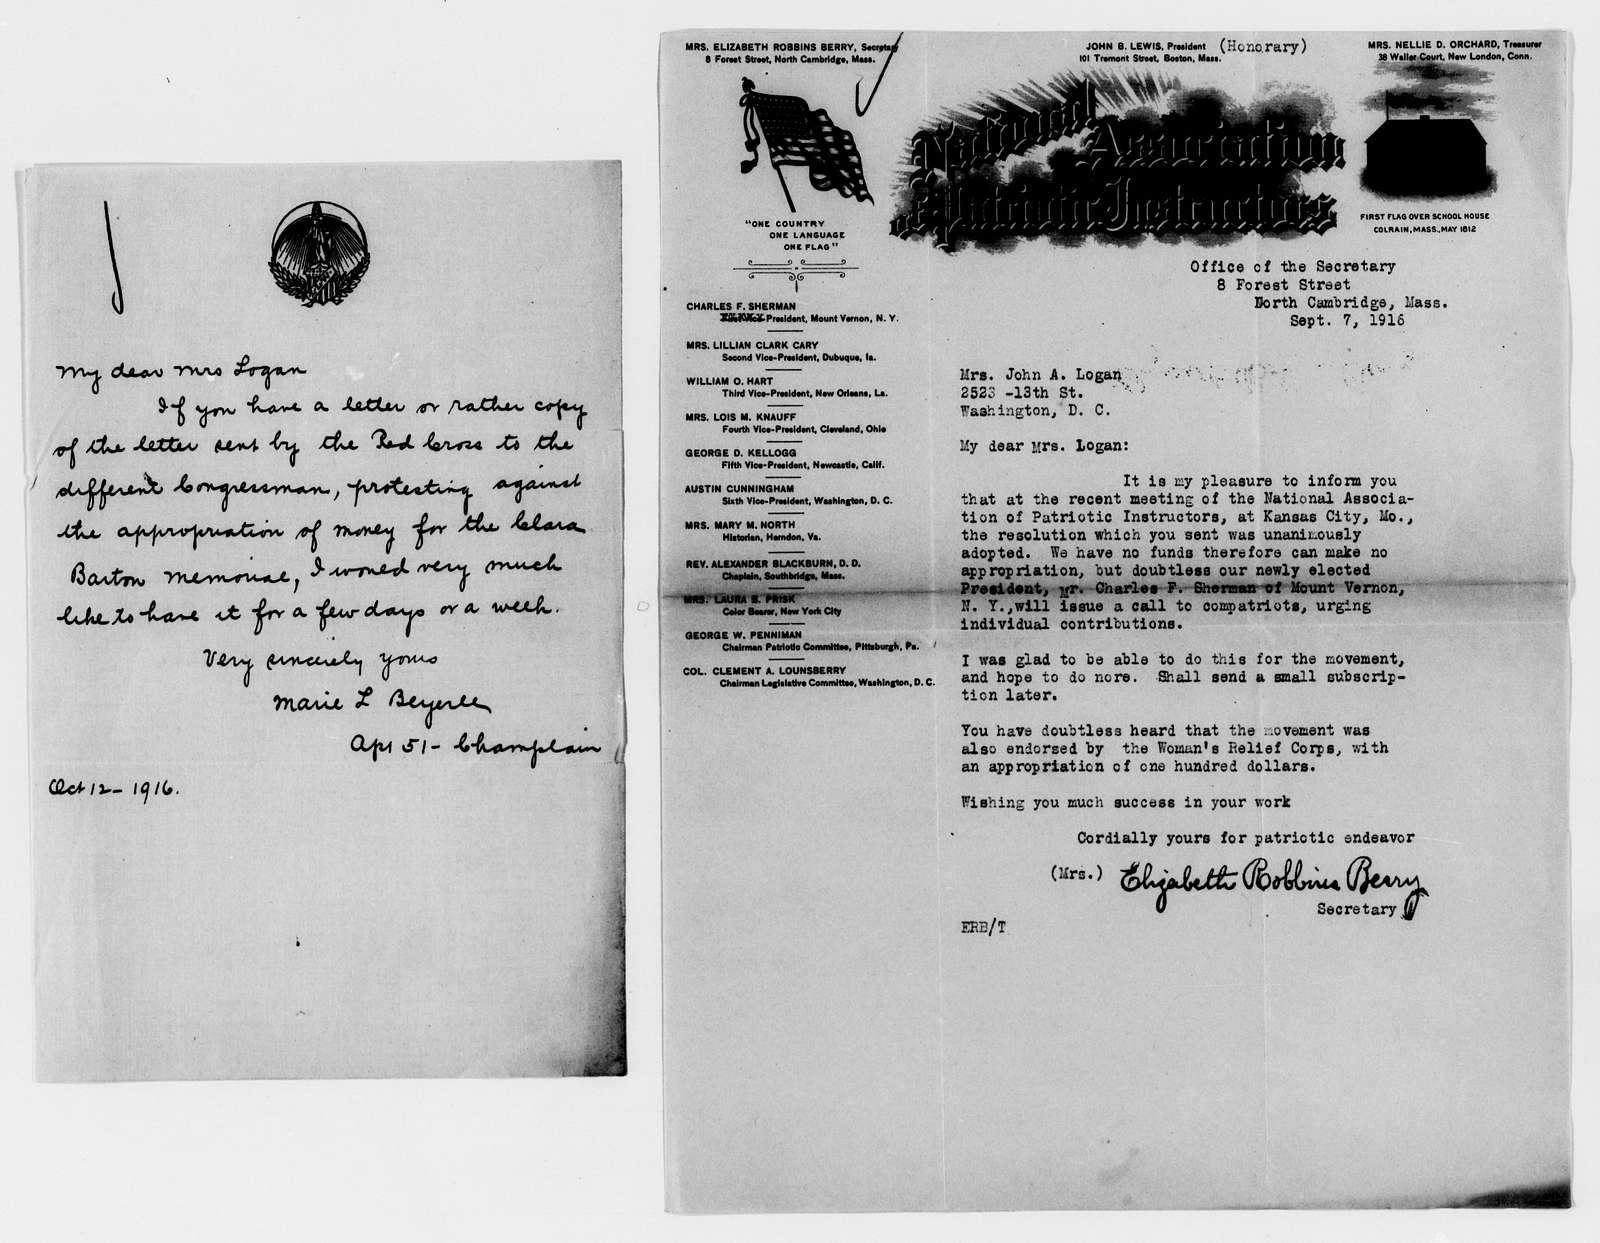 Clara Barton Papers: Miscellany, 1856-1957; Barton (Clara) Memorial Association; Logan, Mary S., correspondence, 1912-1917, undated